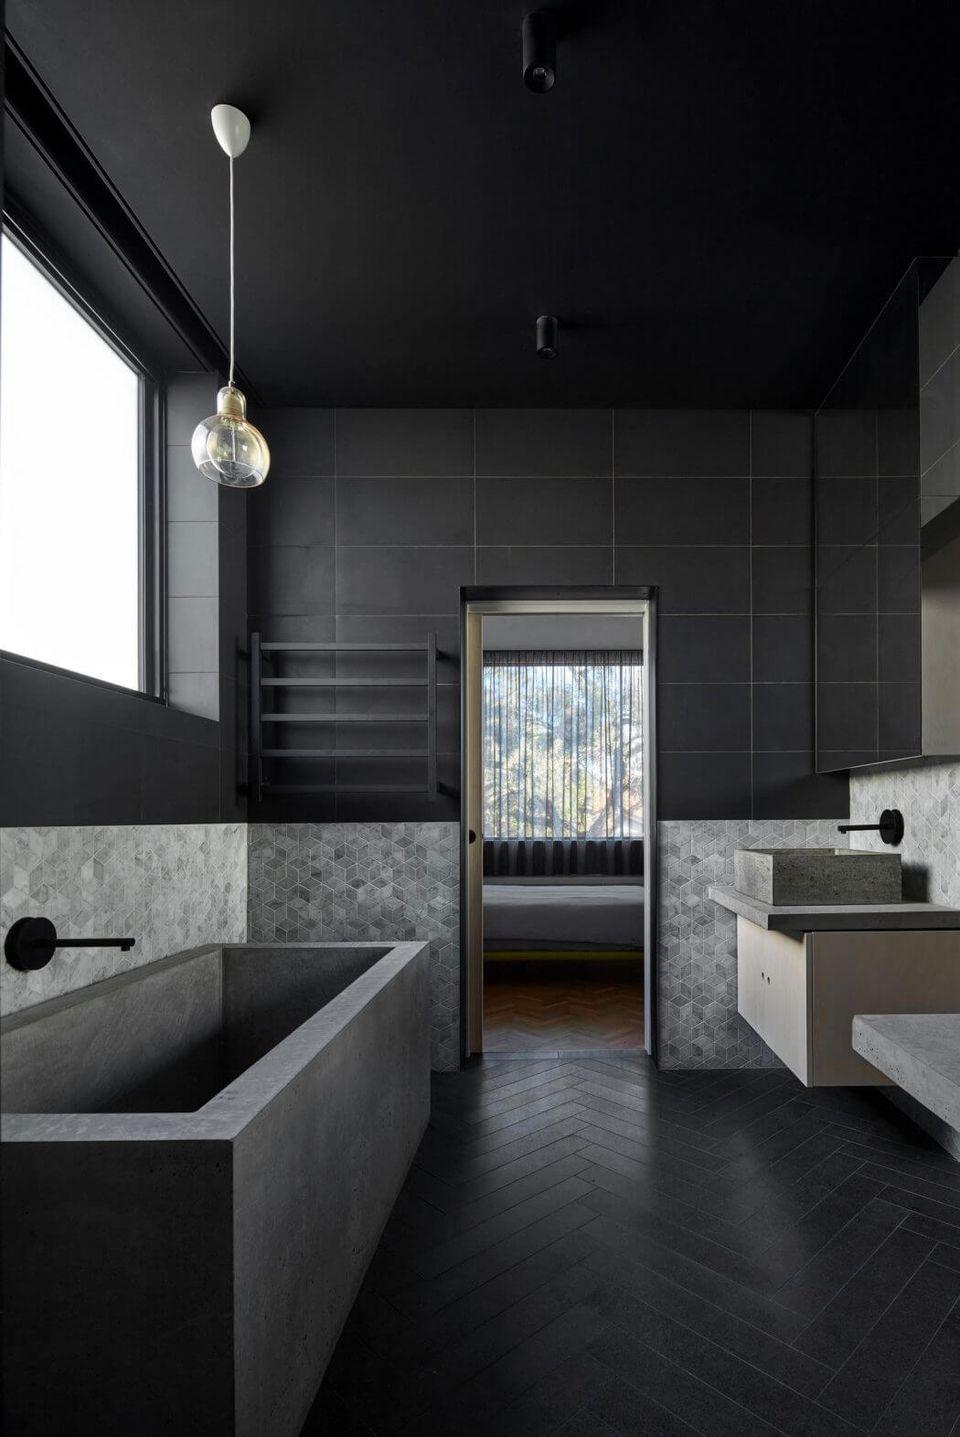 couleur sombre salle de bain noir et grise